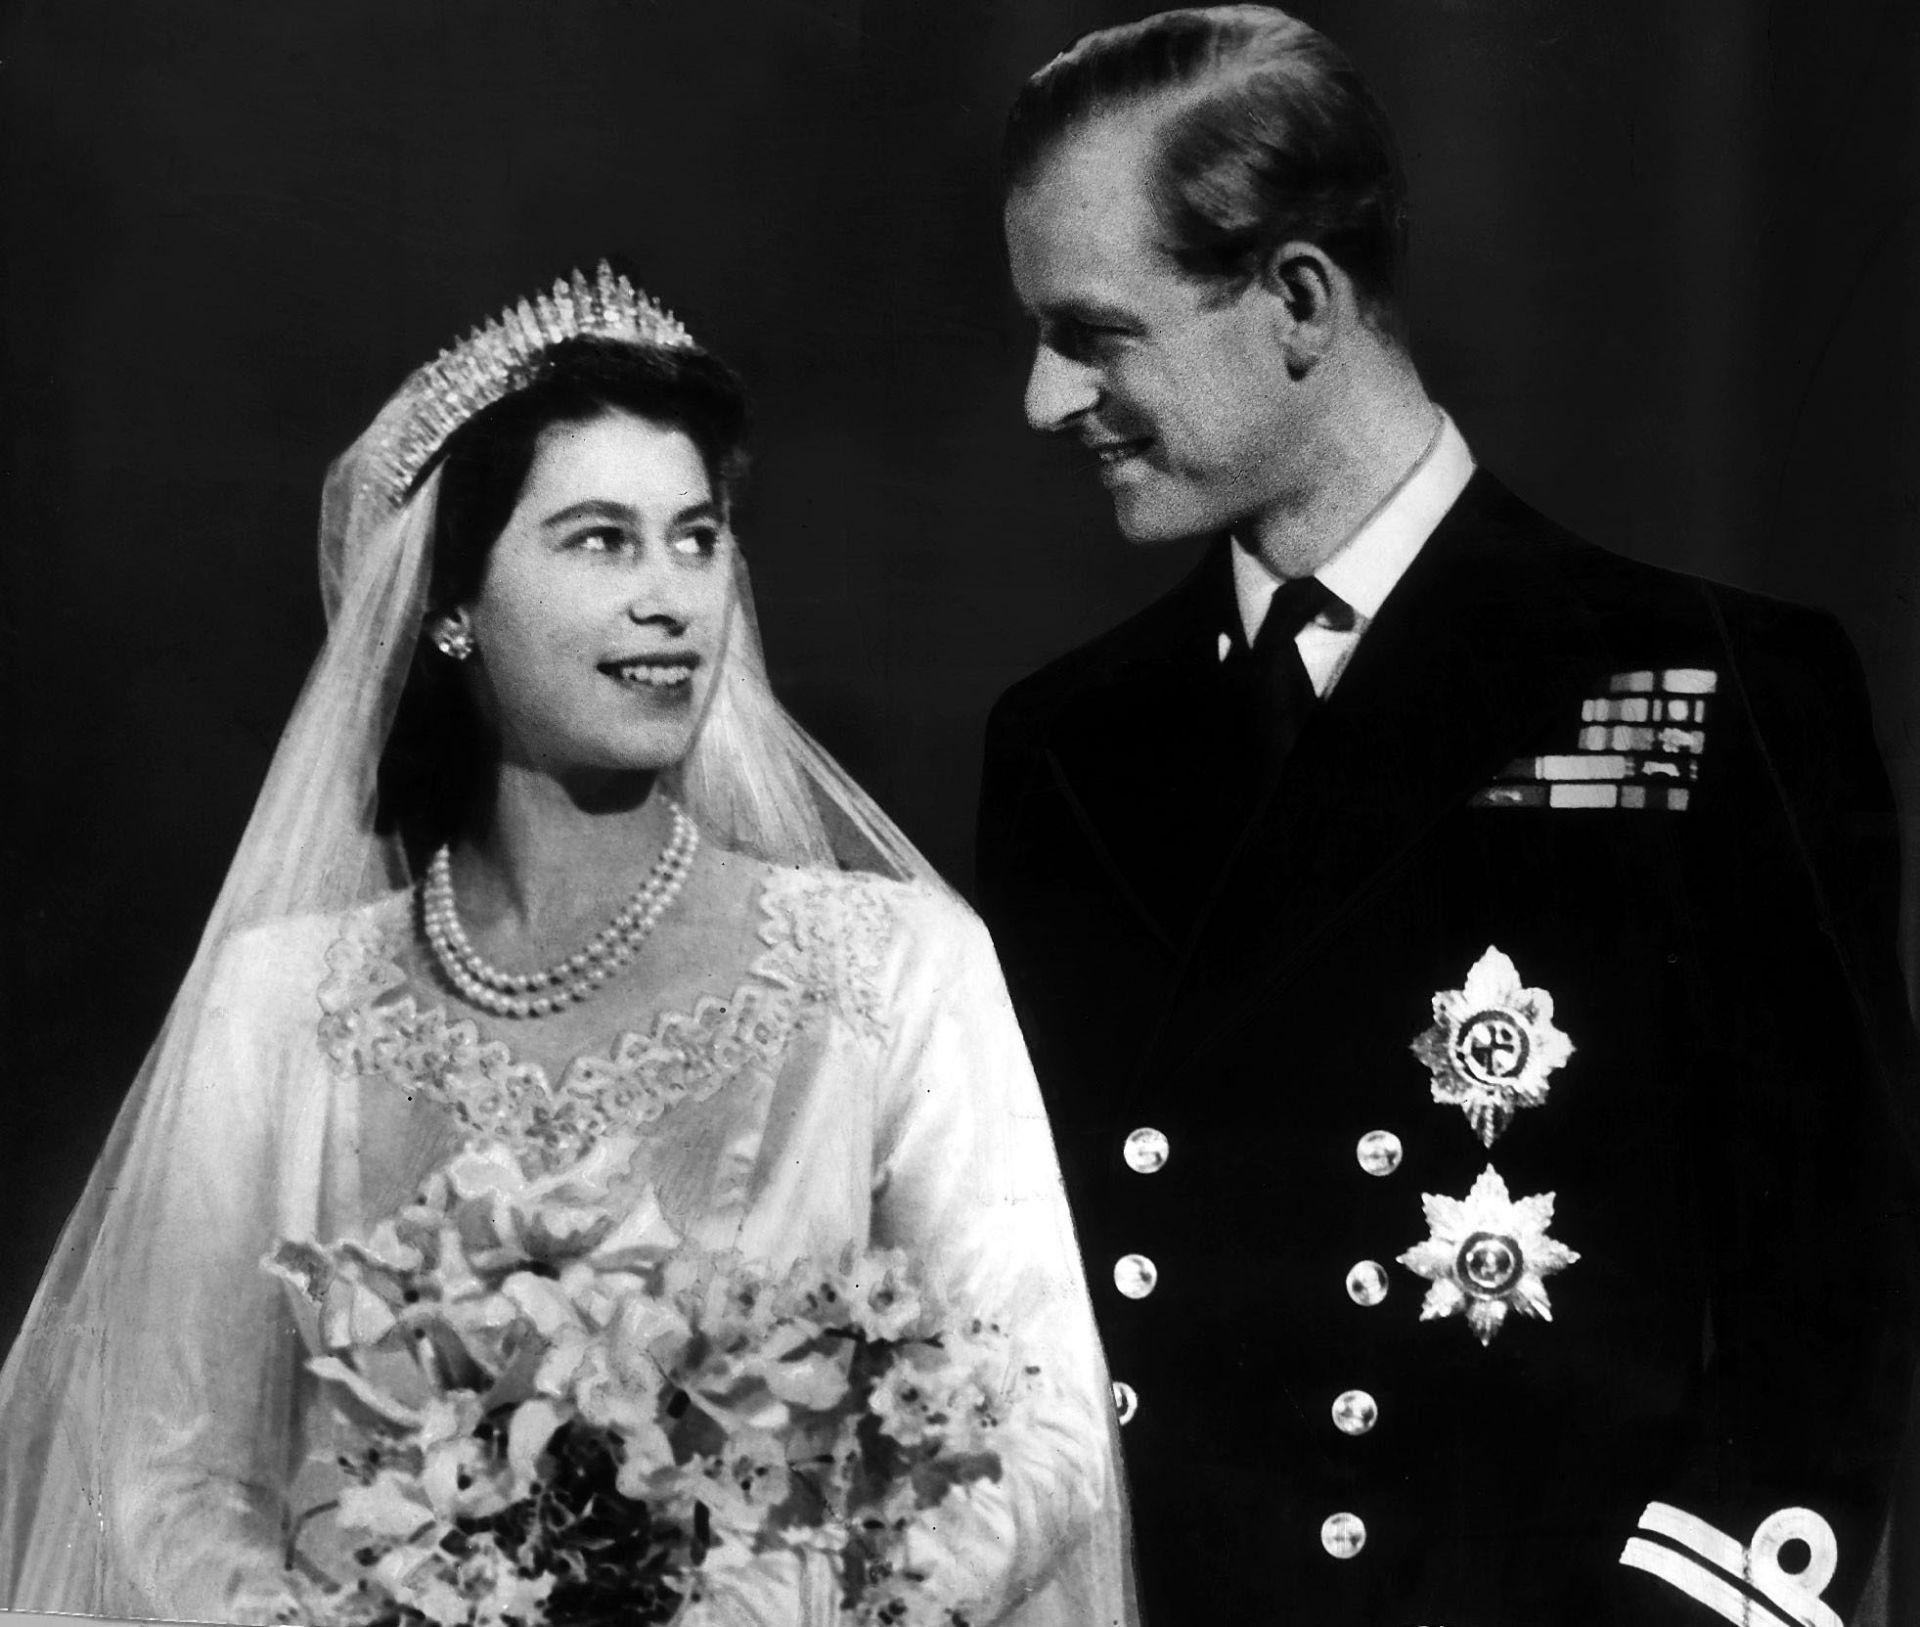 Queen Elizabeth Ii Wedding.Queen Elizabeth Ii Marriage Facts Dk Find Out